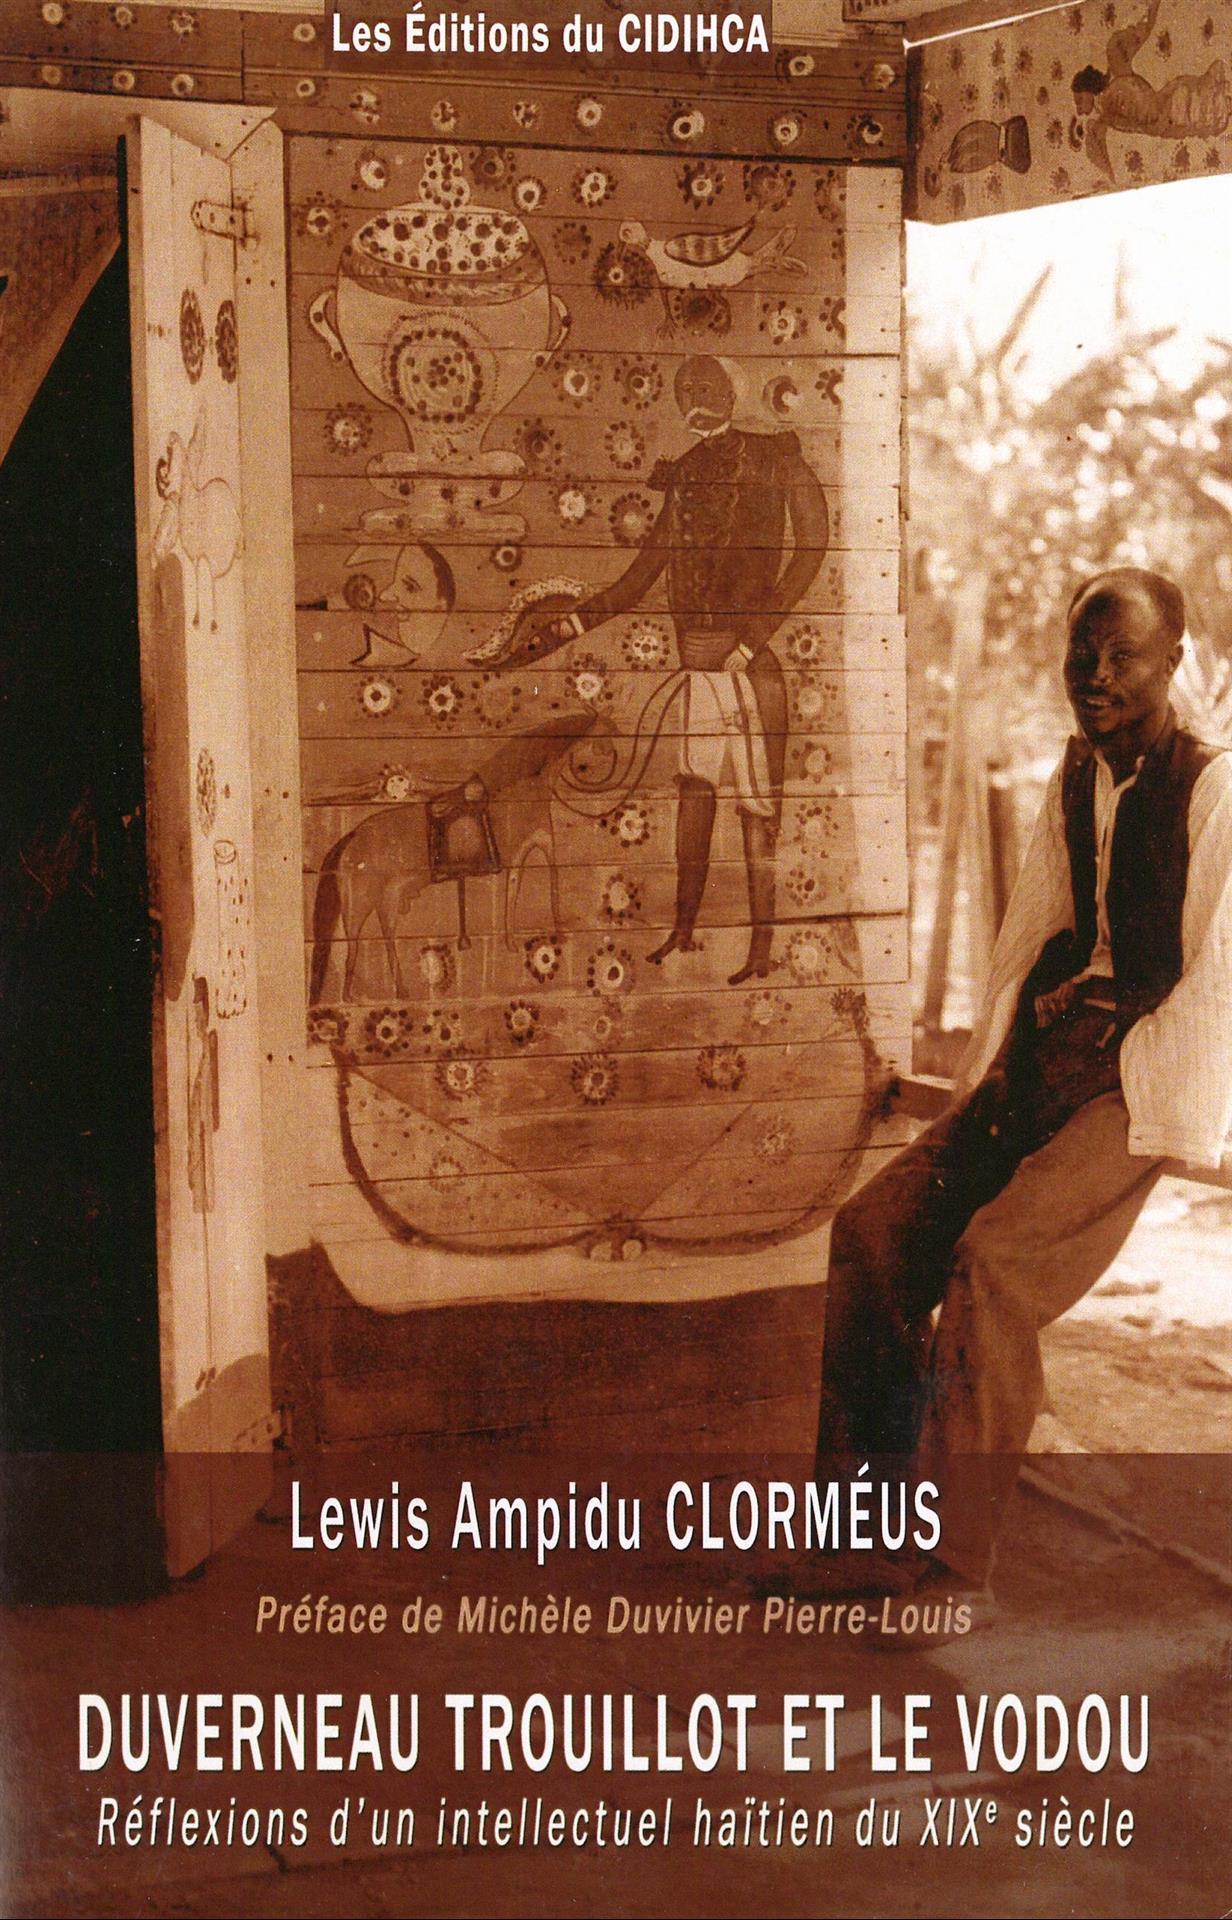 Duverneau Trouillot et le vodou : réflexions d'un intellectuel haïtien du XIXe siécle